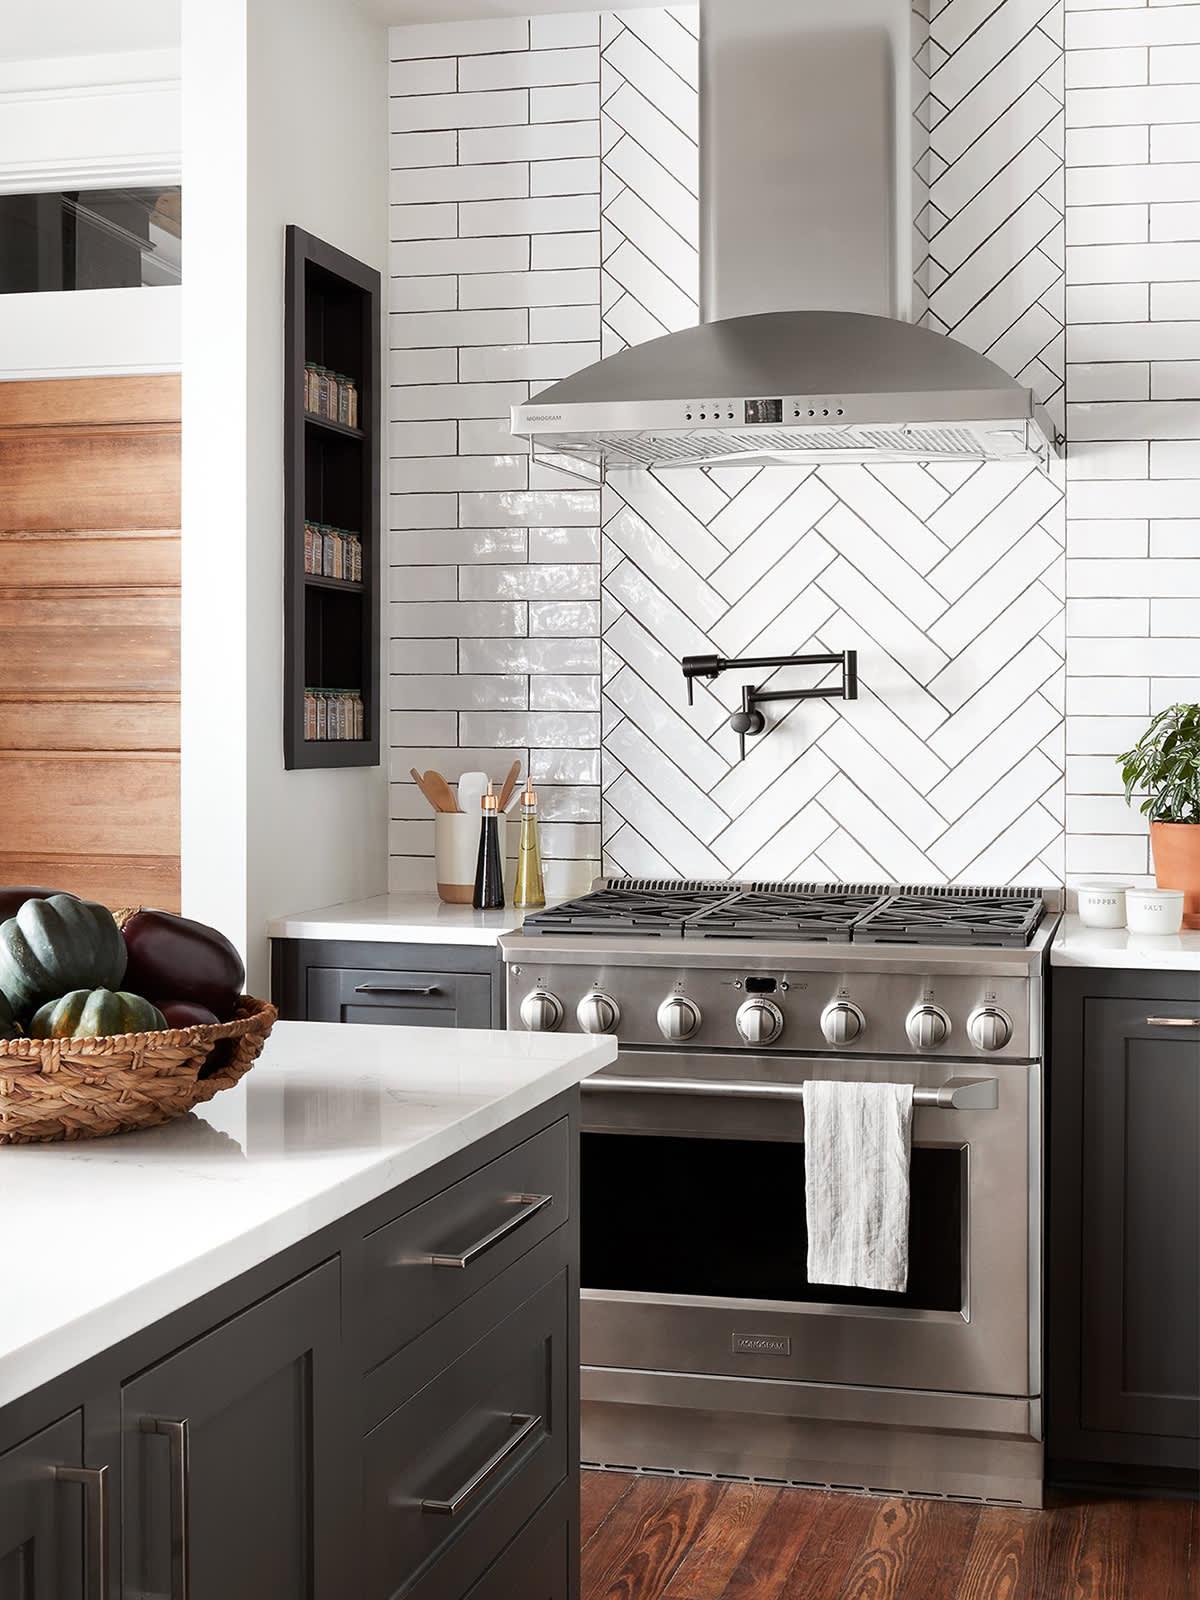 Best Fixer Upper Kitchen Designs From Joanna Gaines ...